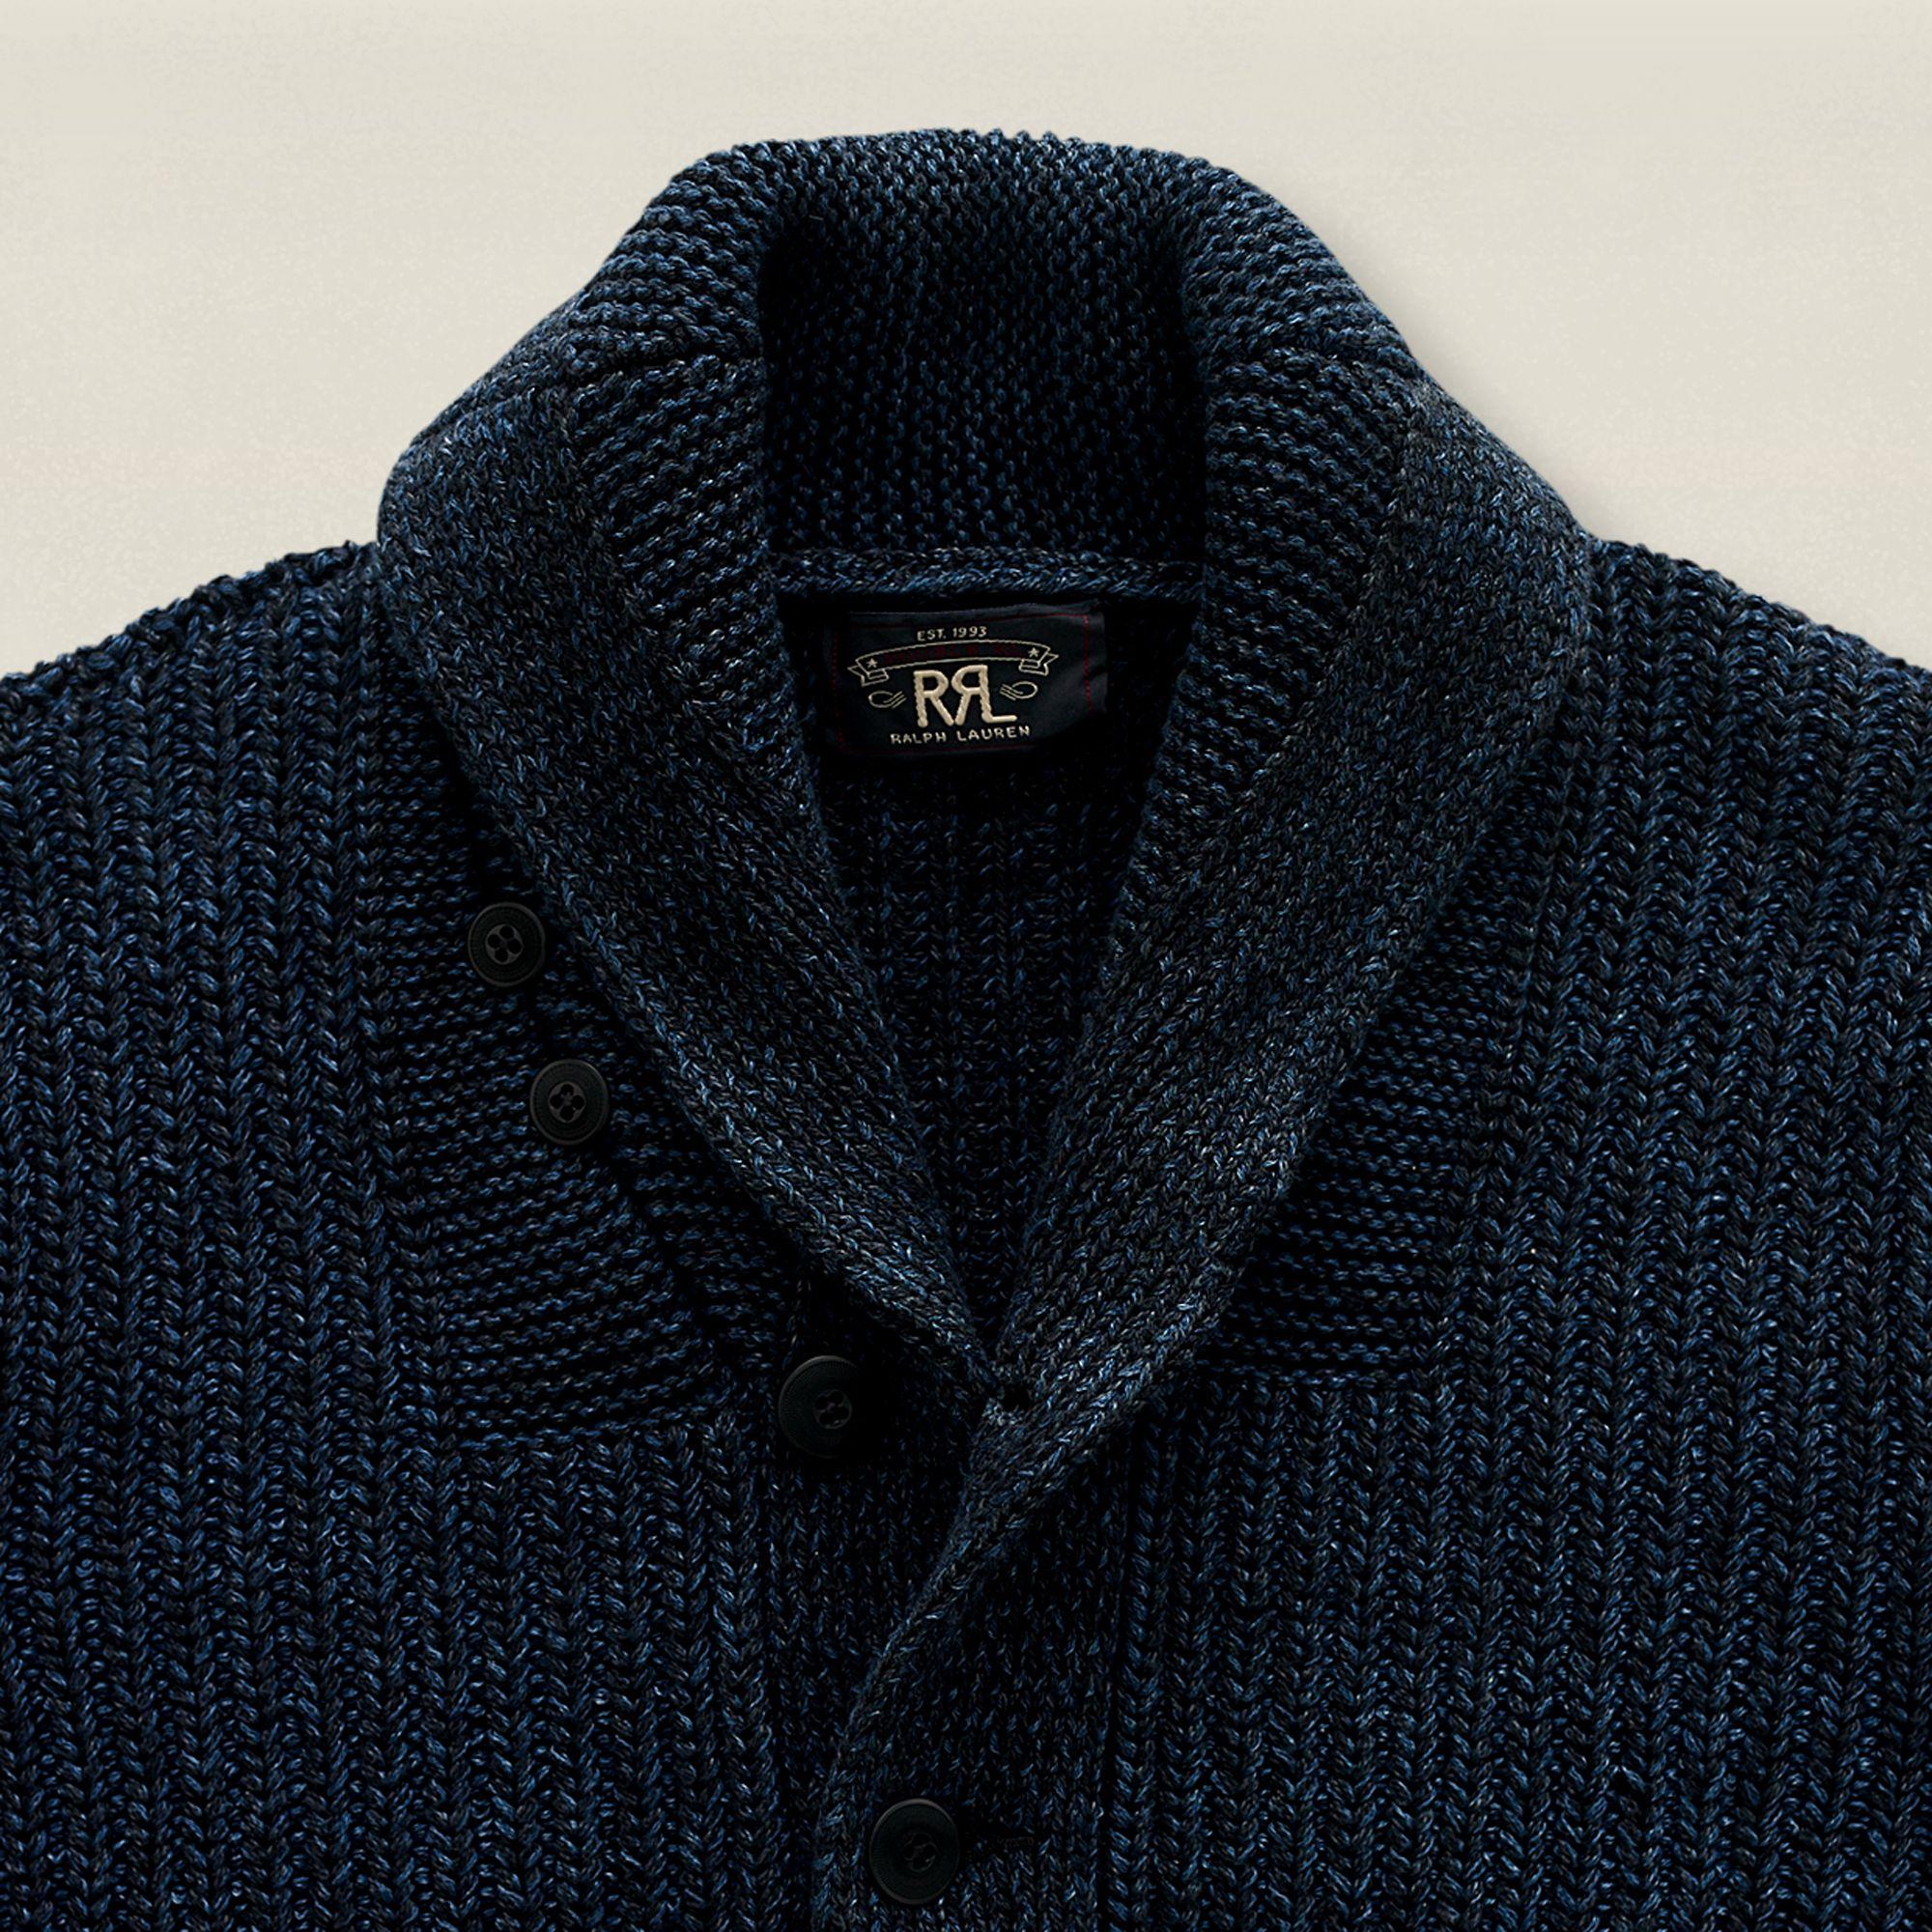 c4db41c07 RRL Indigo Shawl-Collar Cardigan in Blue for Men - Lyst